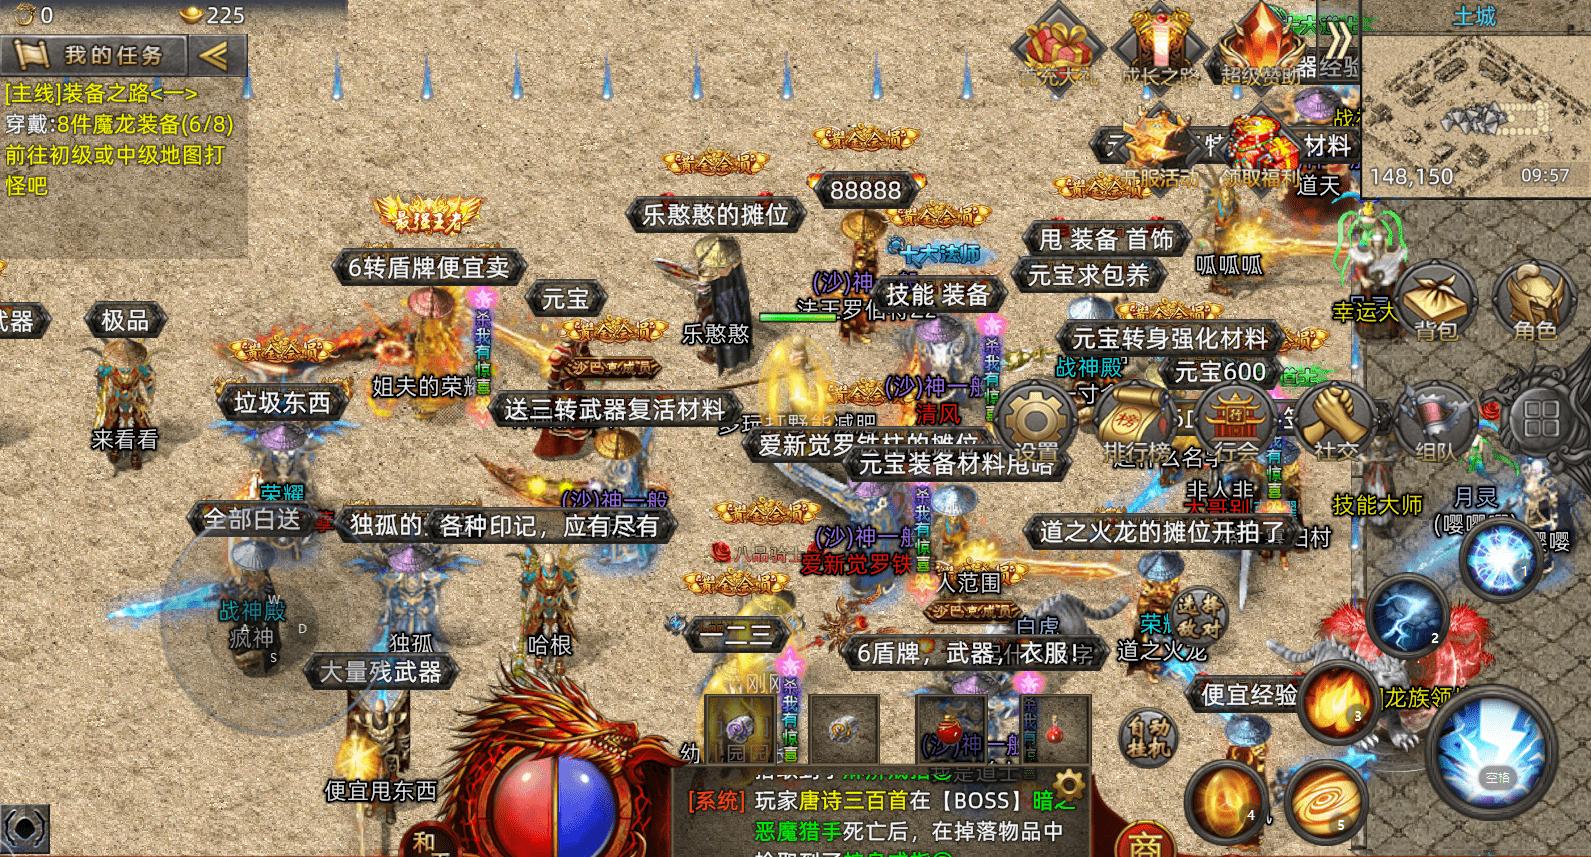 火龙王者之暮影战神:第二大陆火龙大陆它来了,玩法再度升级